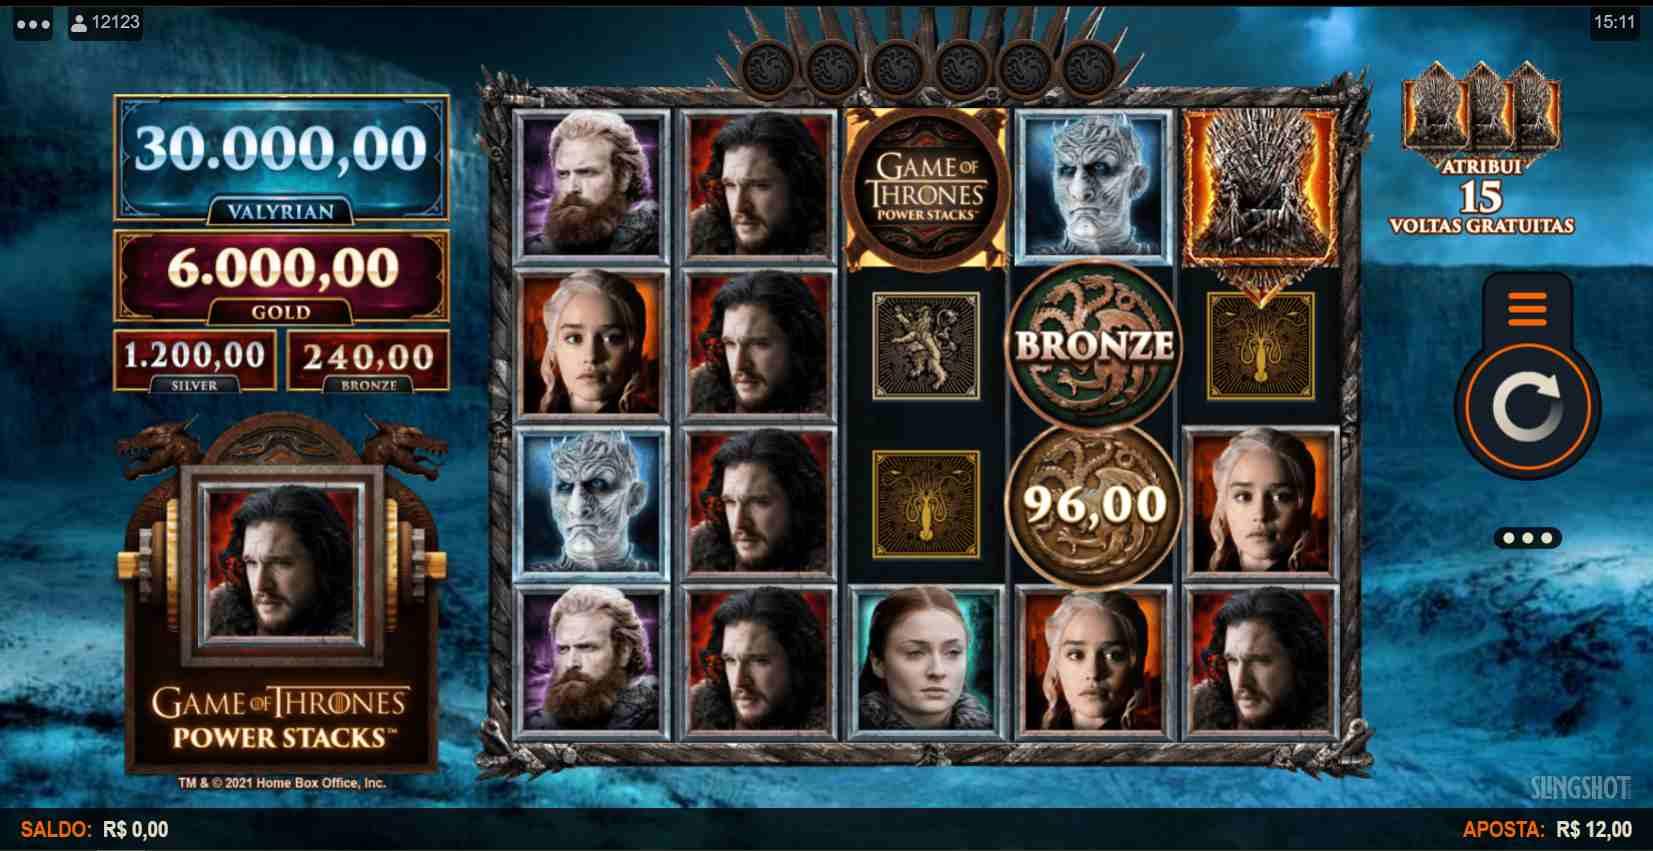 slot game of thrones amuletobet